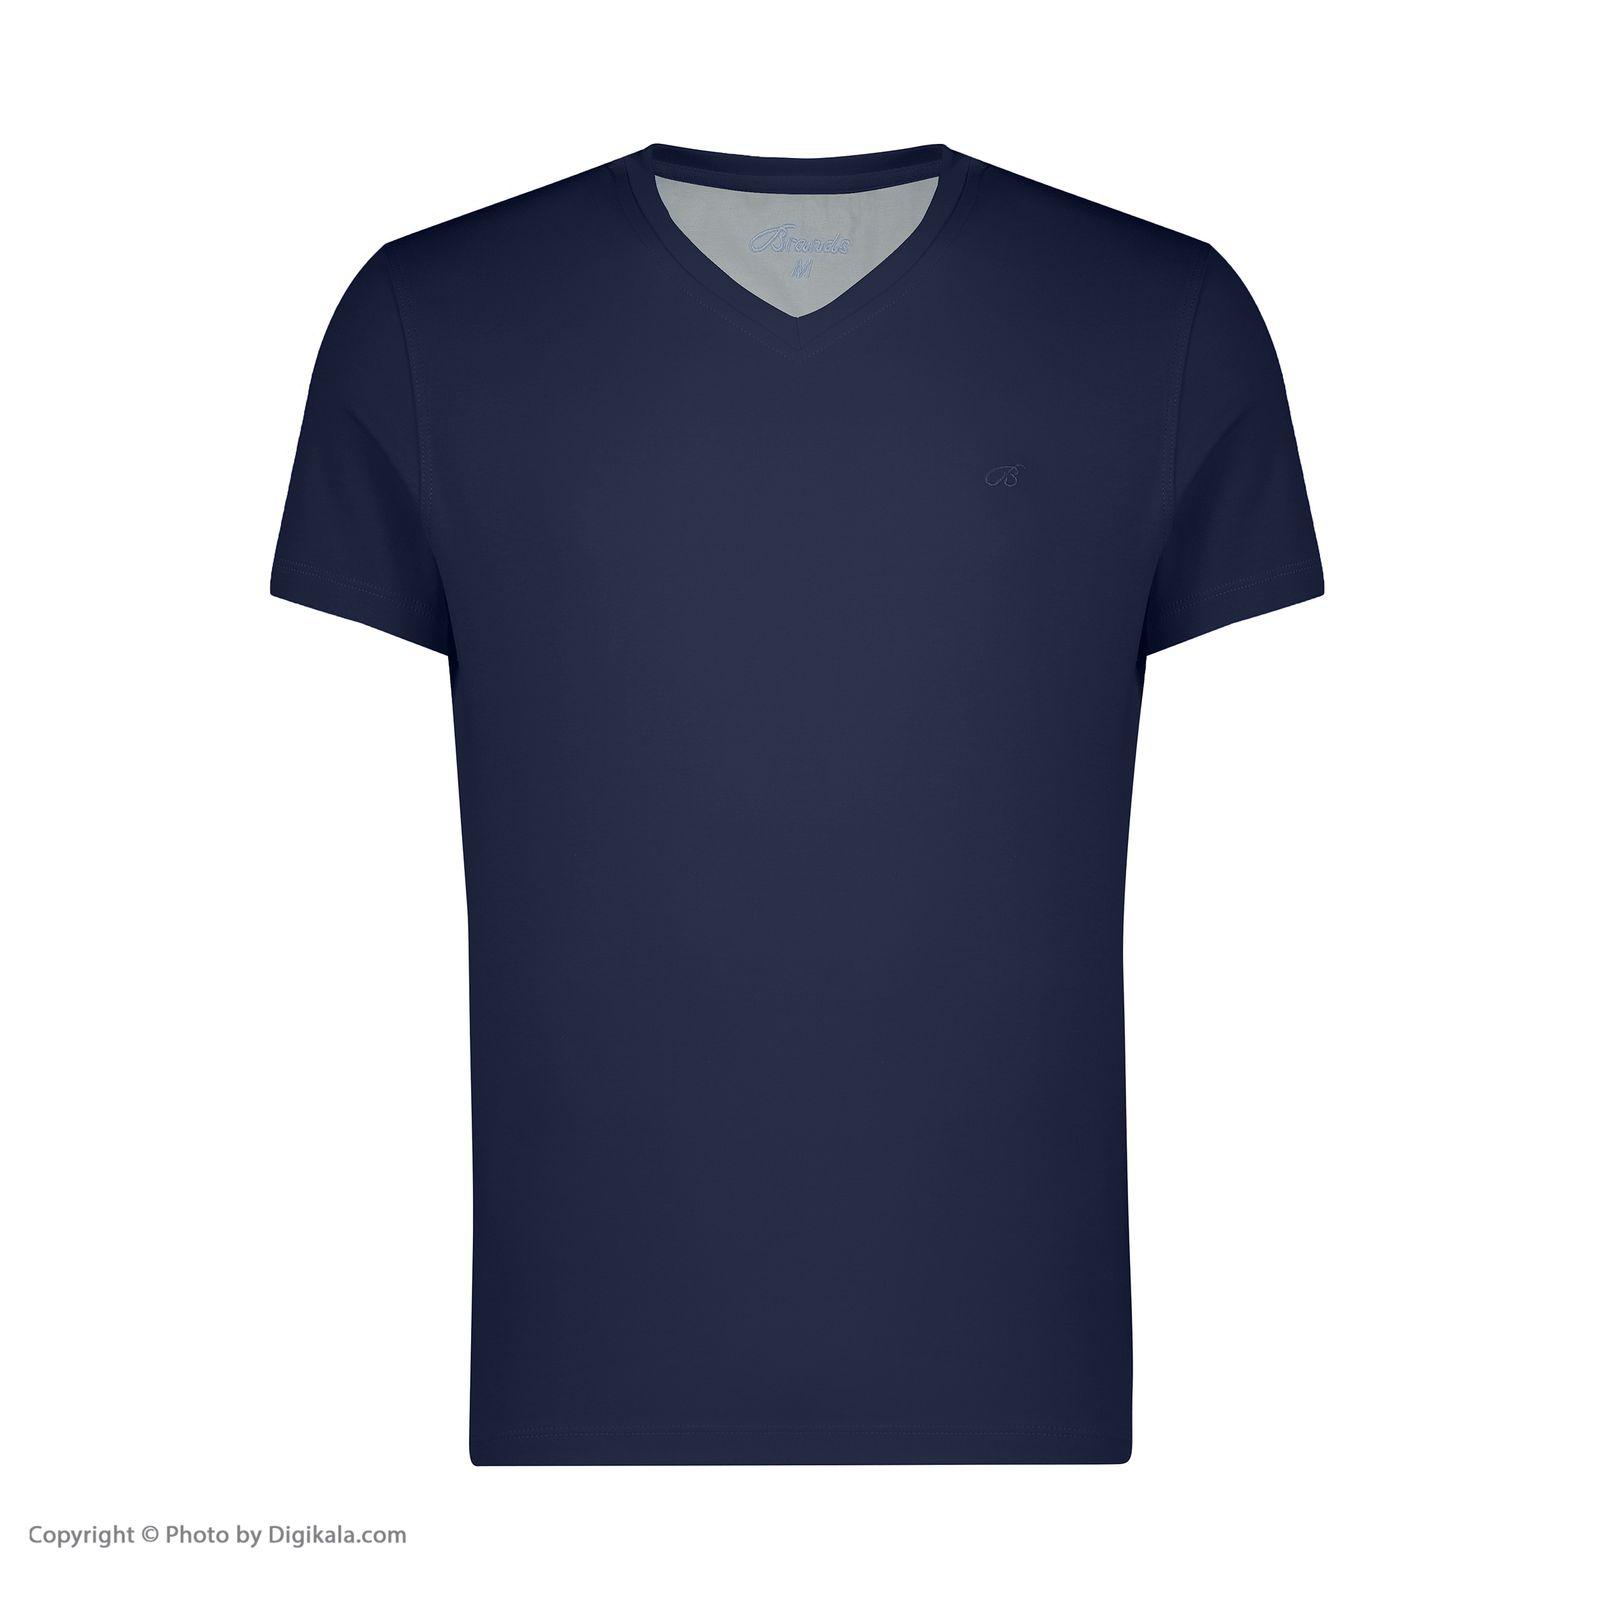 تیشرت آستین کوتاه مردانه برندس مدل 2289C02 -  - 3